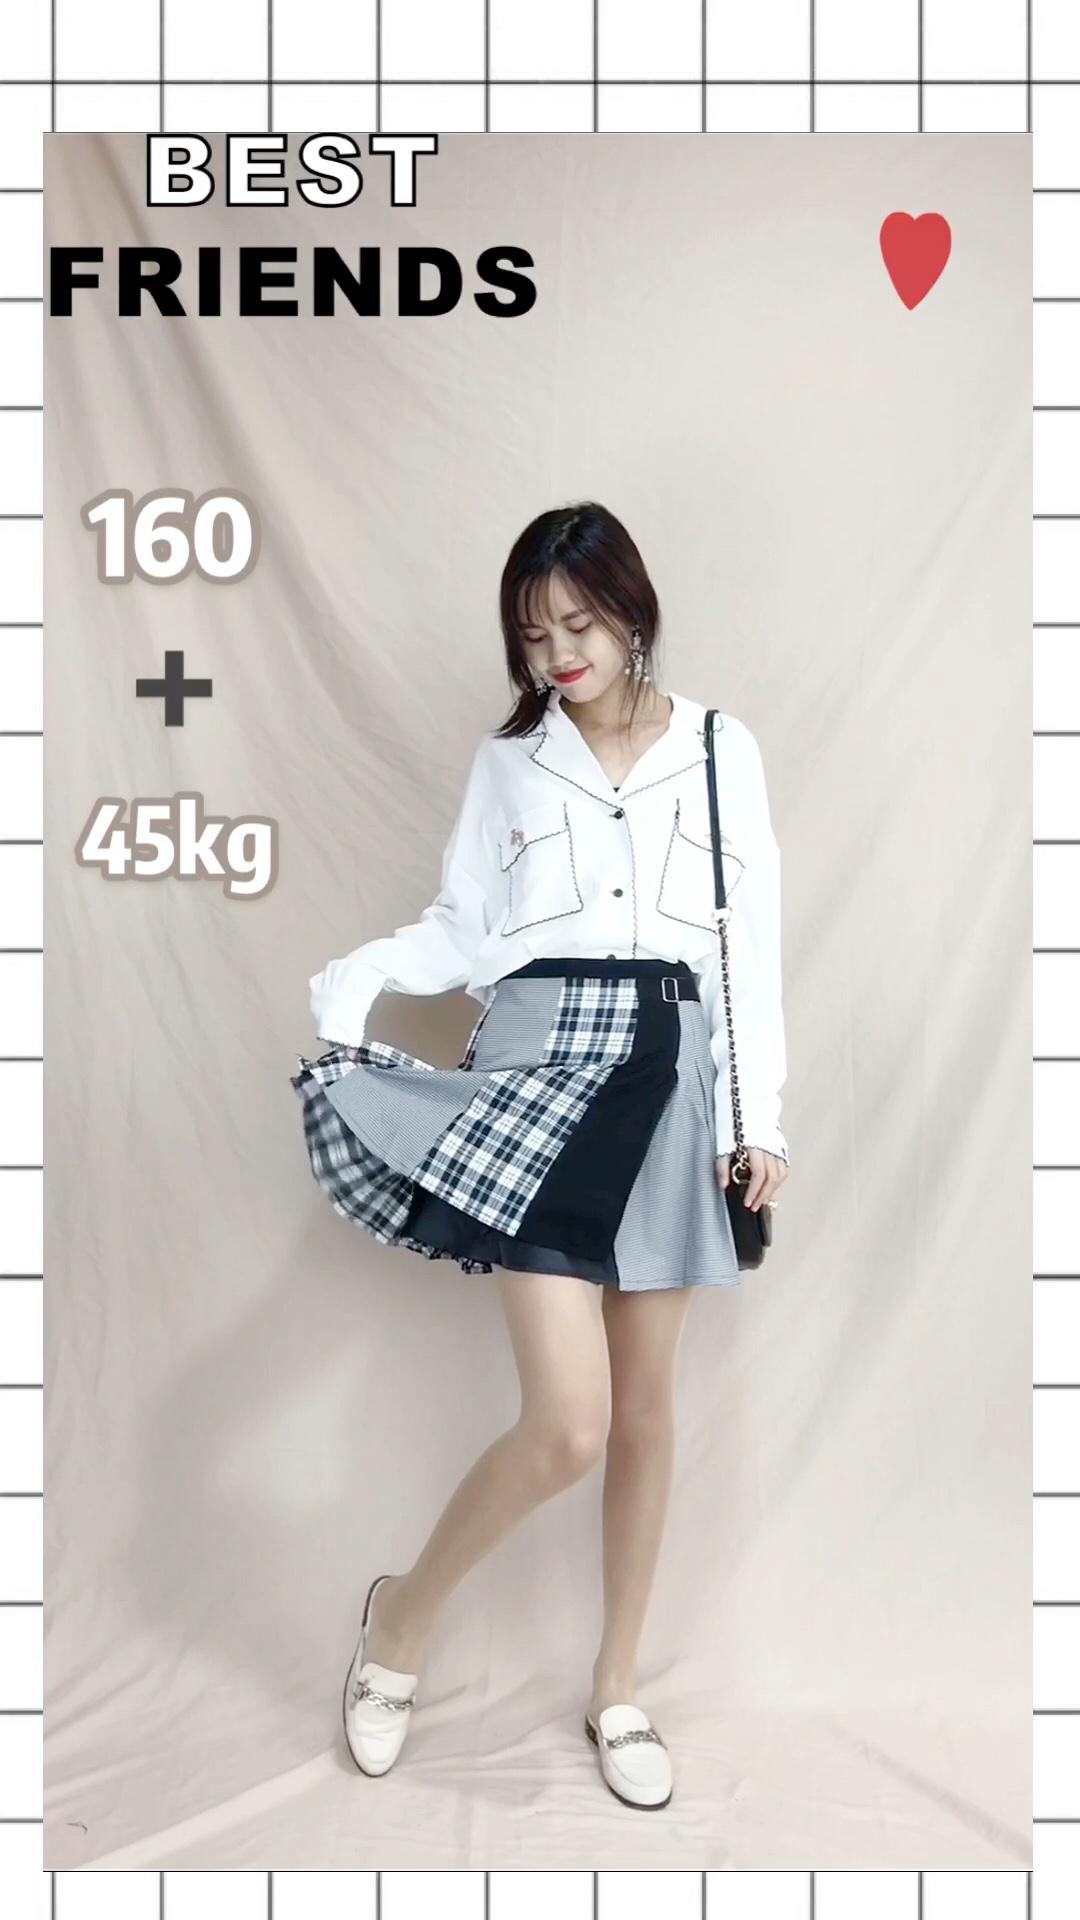 """#""""减肥""""方法有多野?试试这套# 凉爽秋季即将来临~清凉套装必入 上衣:雪纺简约风衬衣,面料非常清凉透气,简约的设计看起来更加淑女气质了,微胖妹子也可以入手哦,非常修身显瘦 裙子:非常有特点有设计感的一条半身裙,拼接黑灰色和格子元素,看起来非常有新鲜感,搭配各种上衣都是百搭好看,价格也很亲民"""